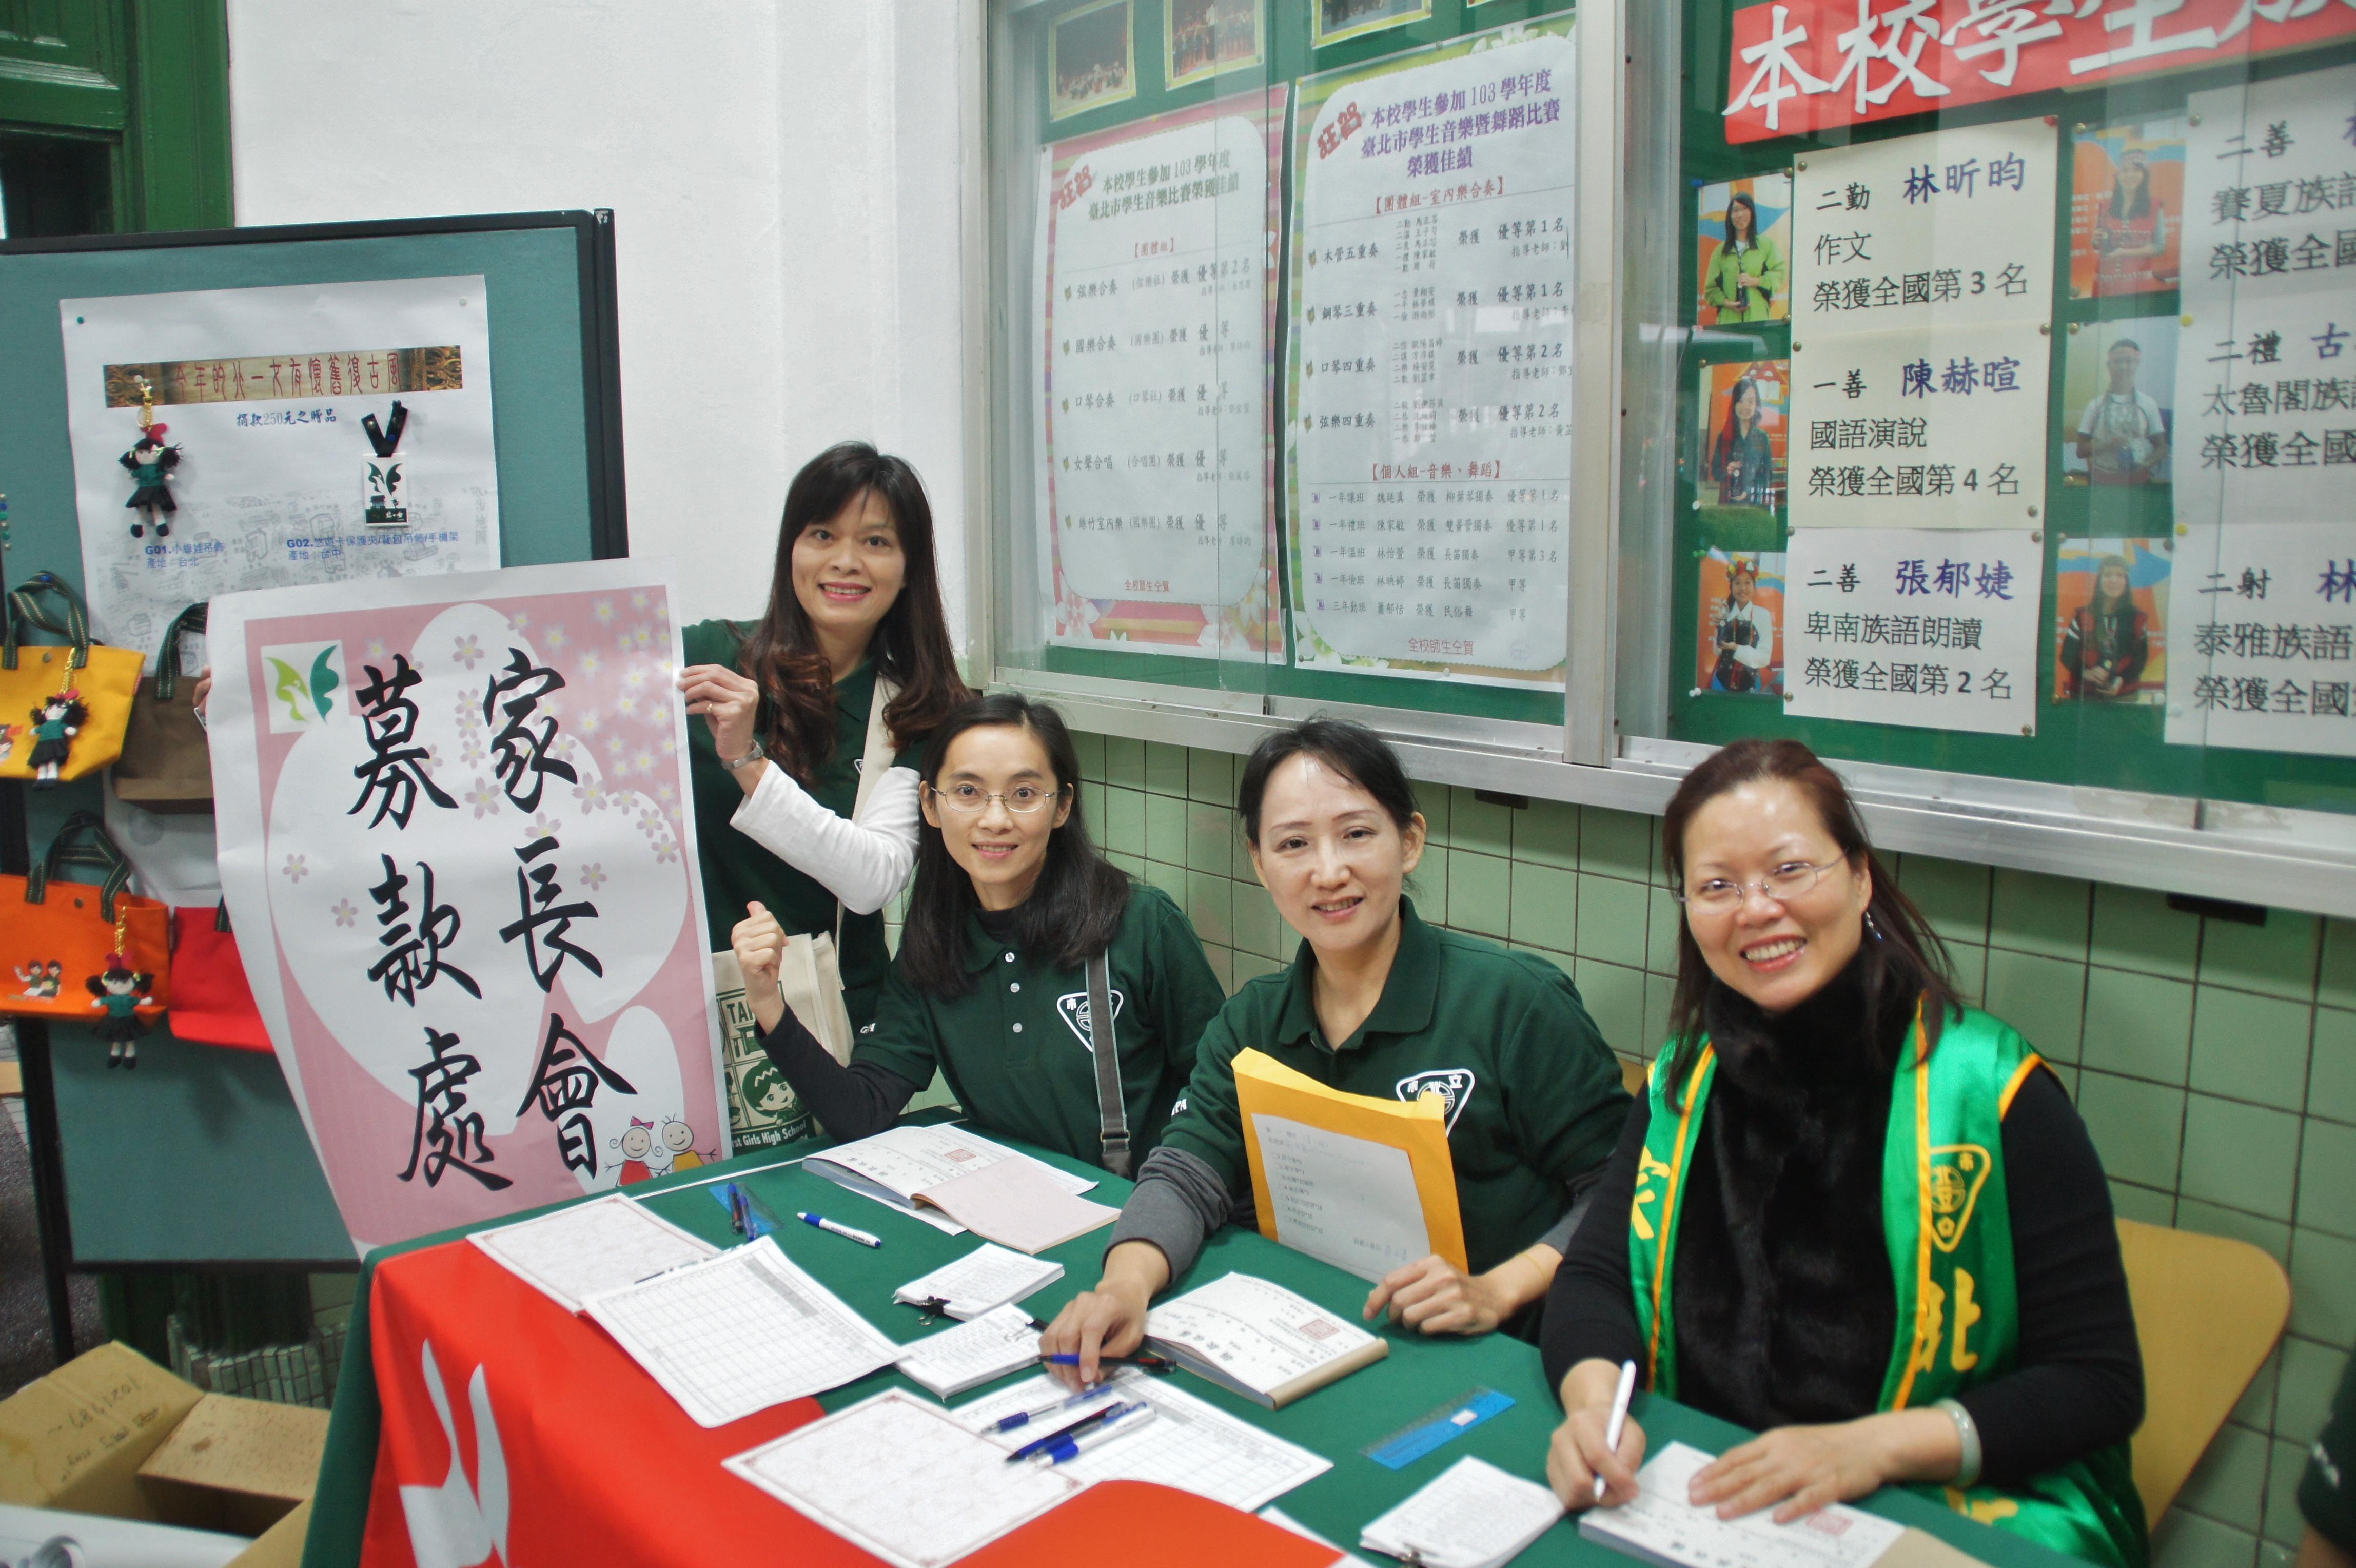 18-家長熱心募集基金關懷學生支持校務